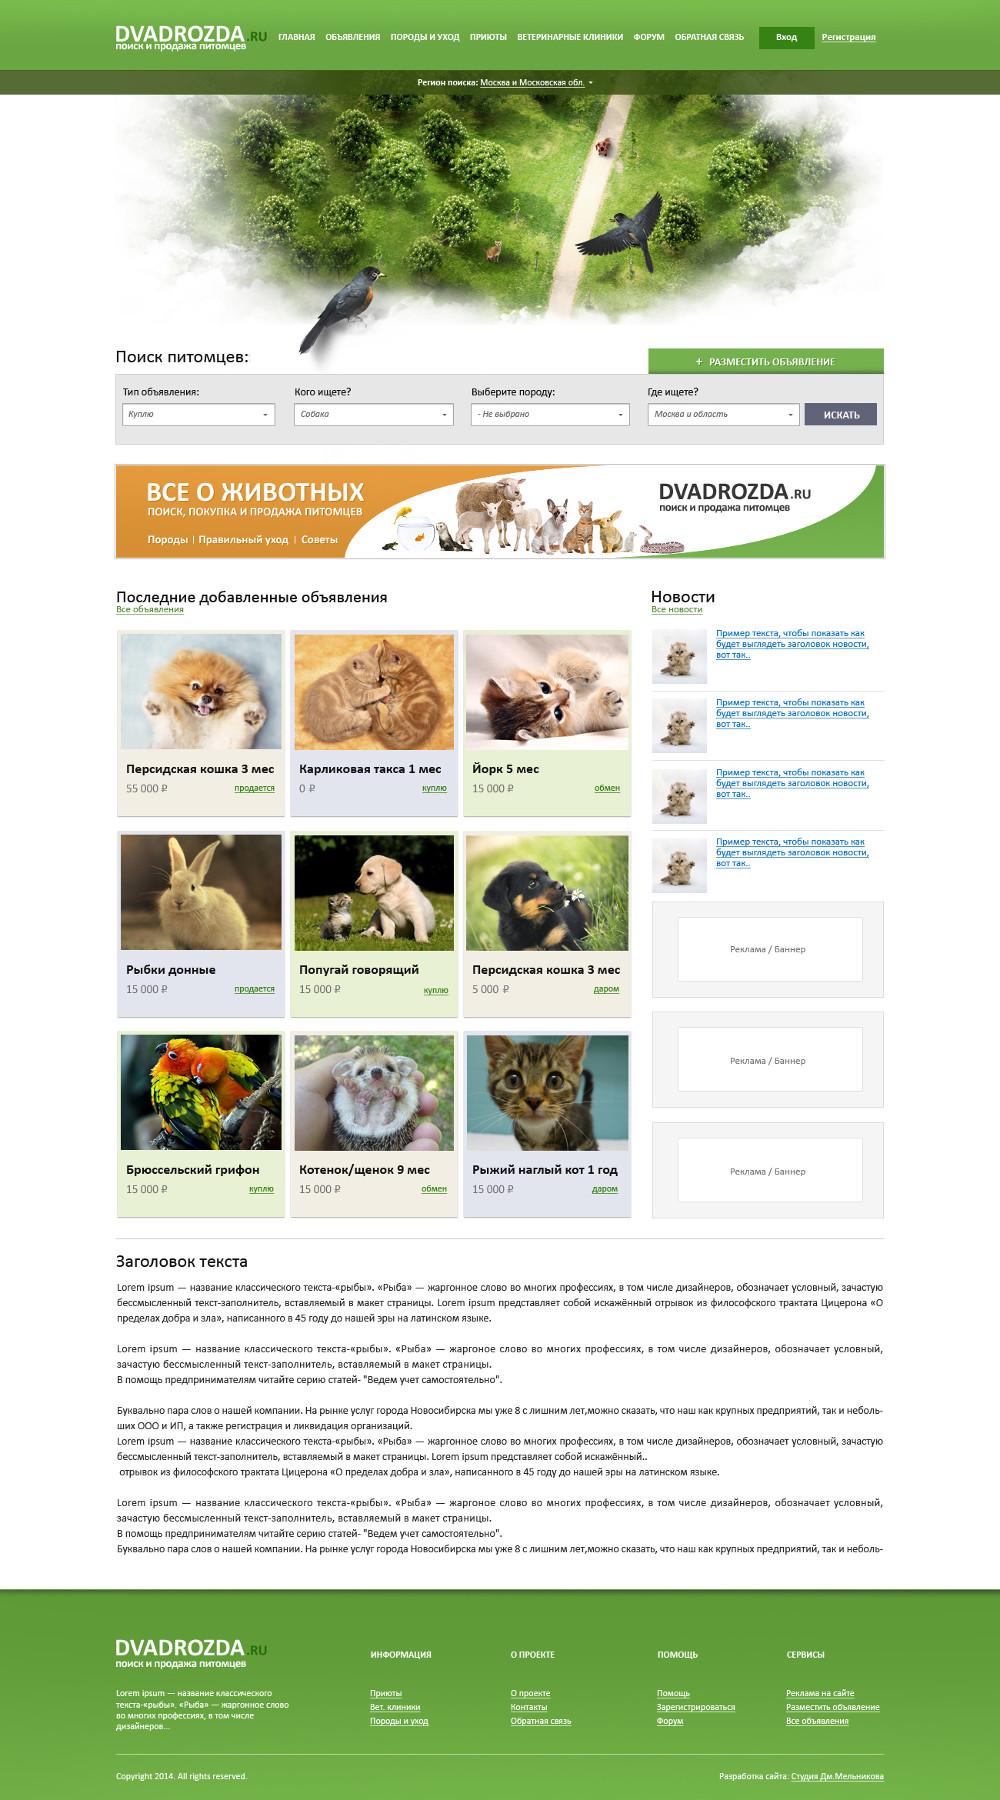 Создание портала о животных ДваДрозда, г. Москва